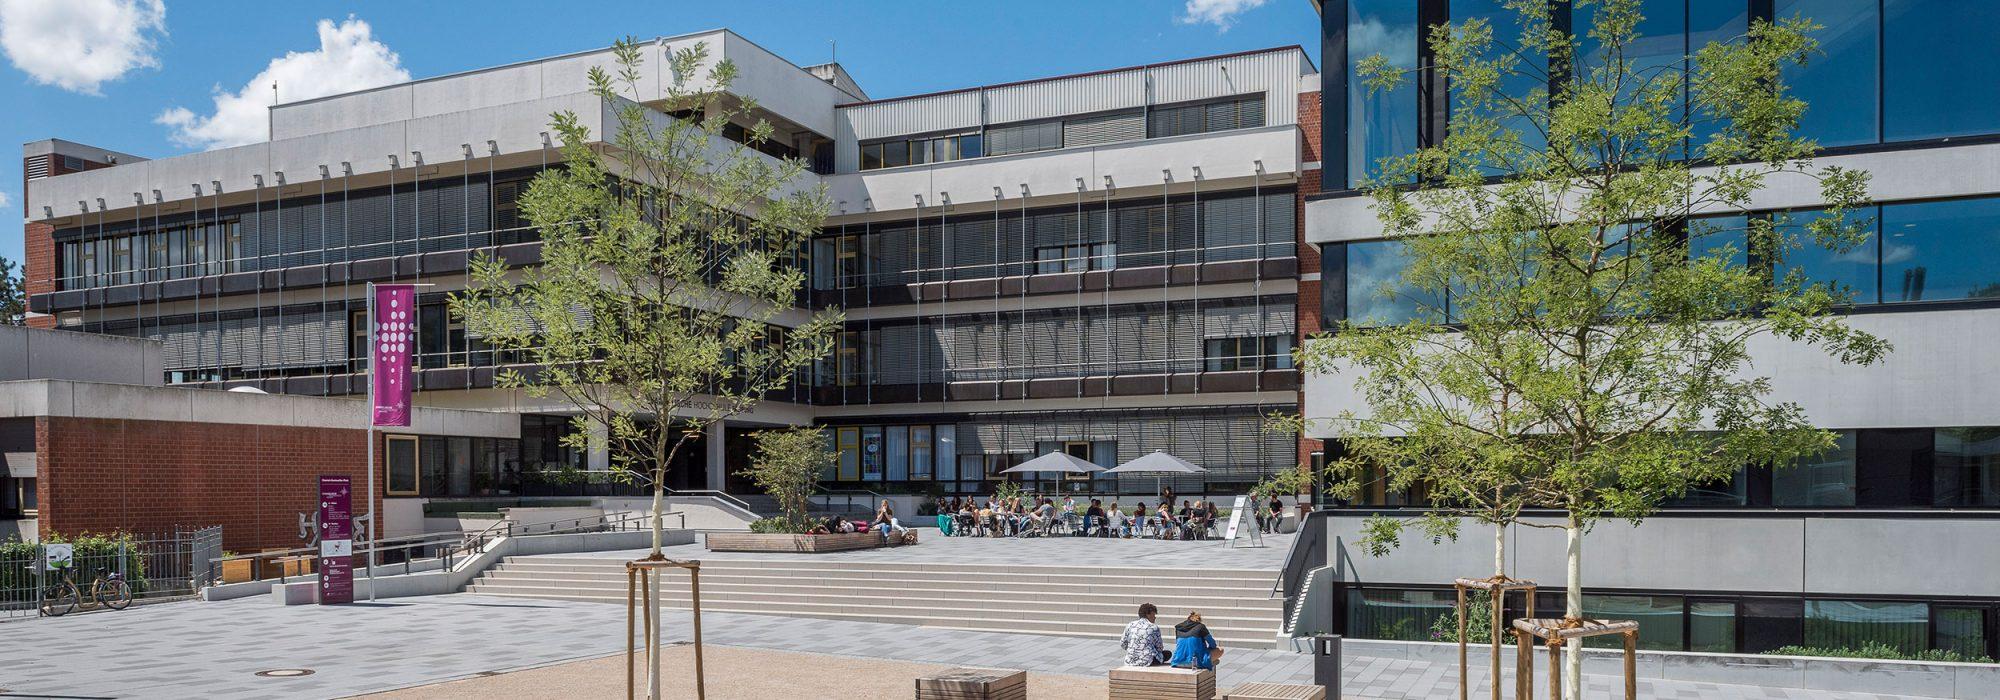 Campus der Evangelischen Hochschule Freiburg; Foto: Marc Doradzillo